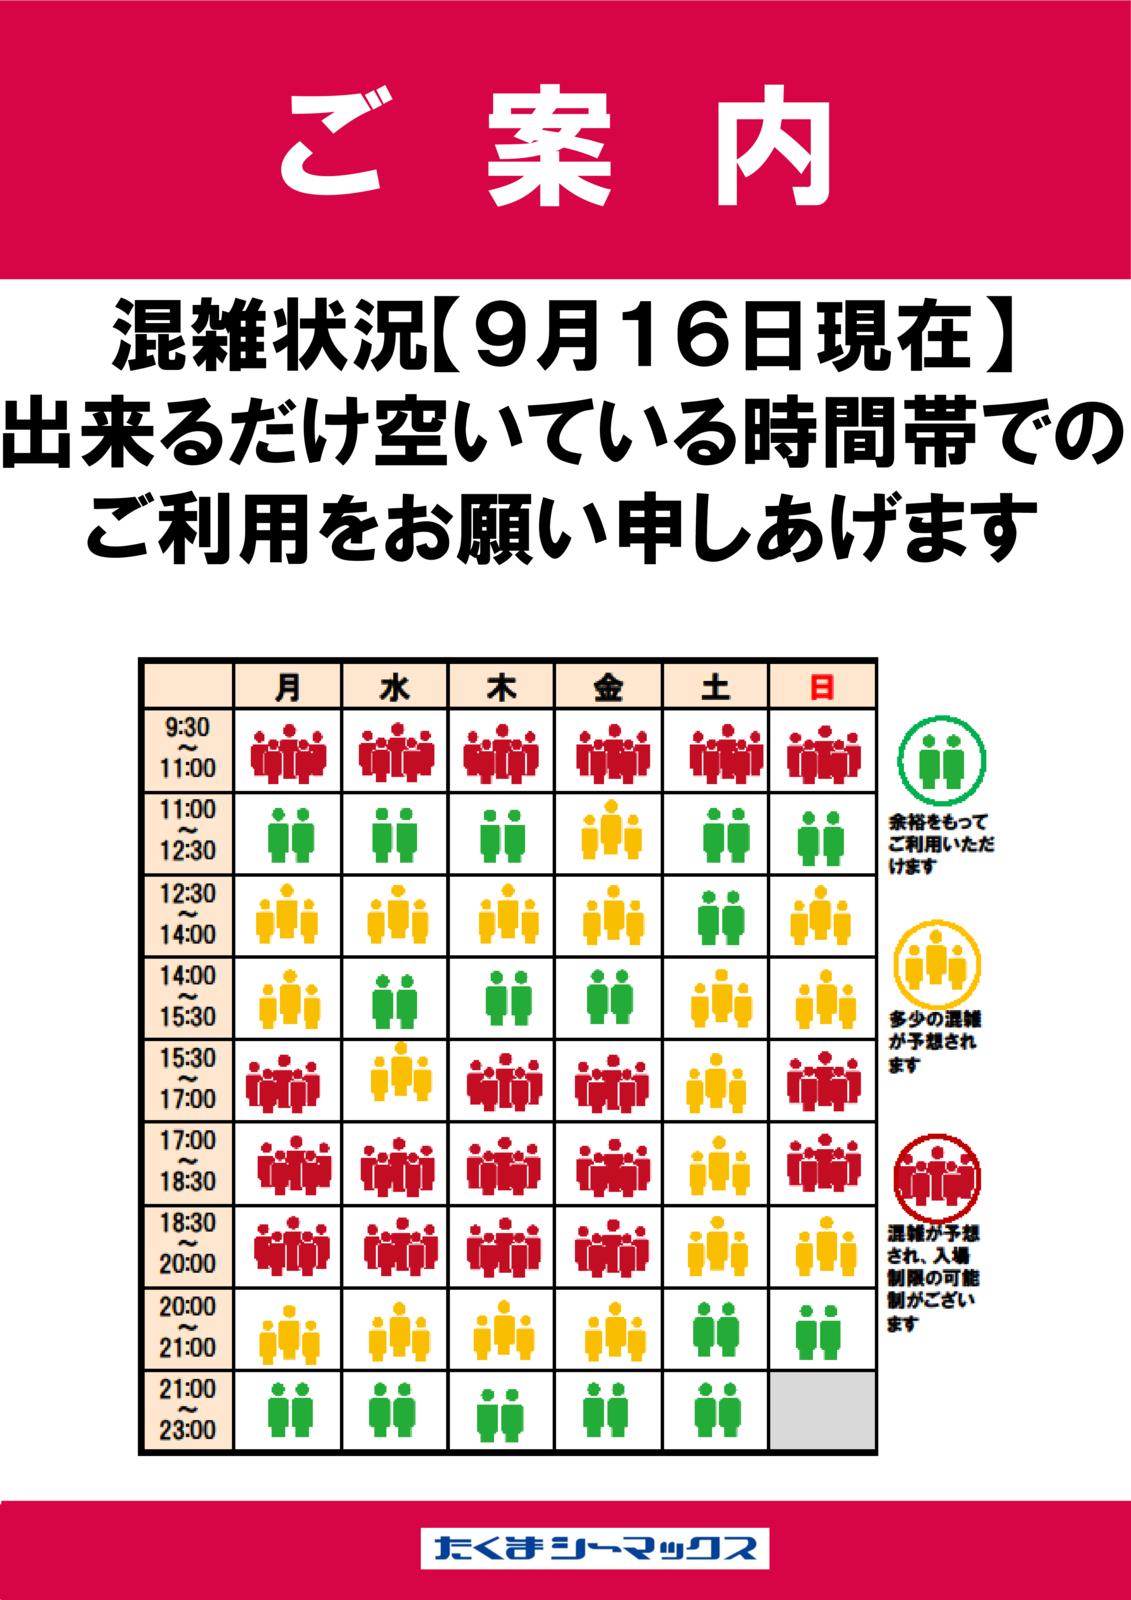 【0916】混雑状況のサムネイル